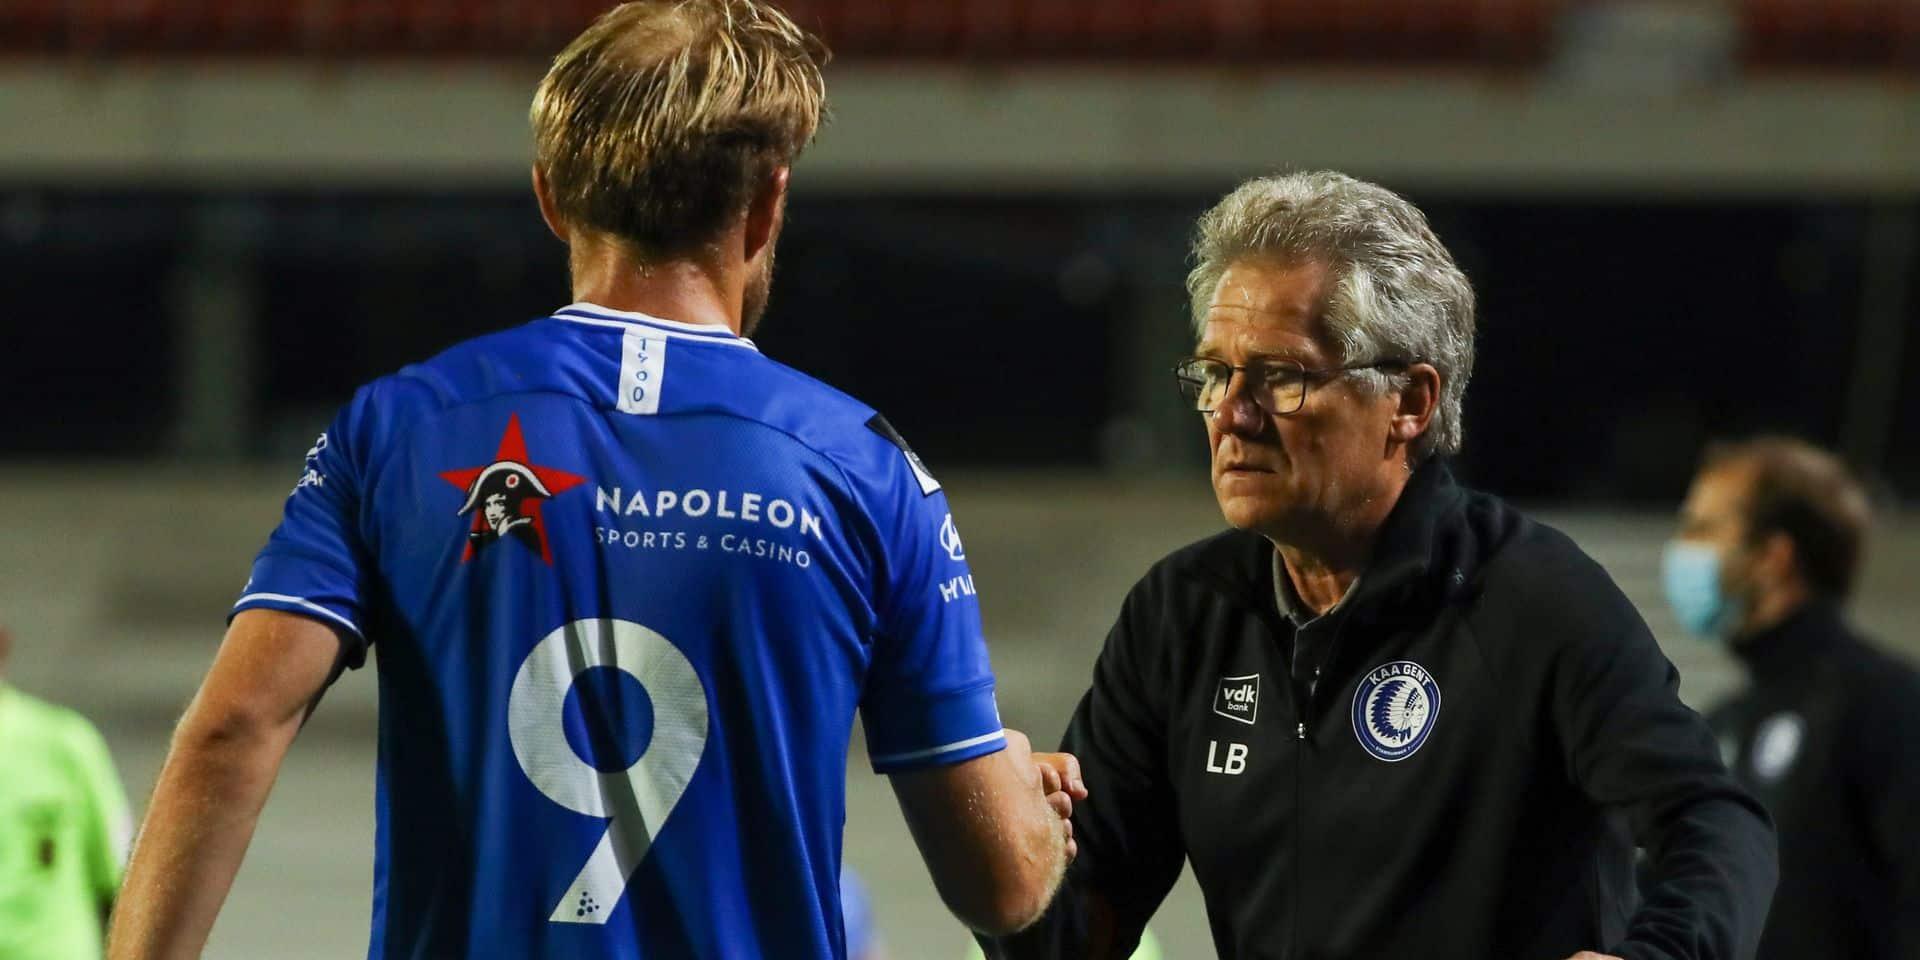 """La tension reste à son comble à la Gantoise. Yaremchuk critique Boloni, son entraîneur lui répond :""""S'il n'est pas content, il peut choisir un autre club"""""""